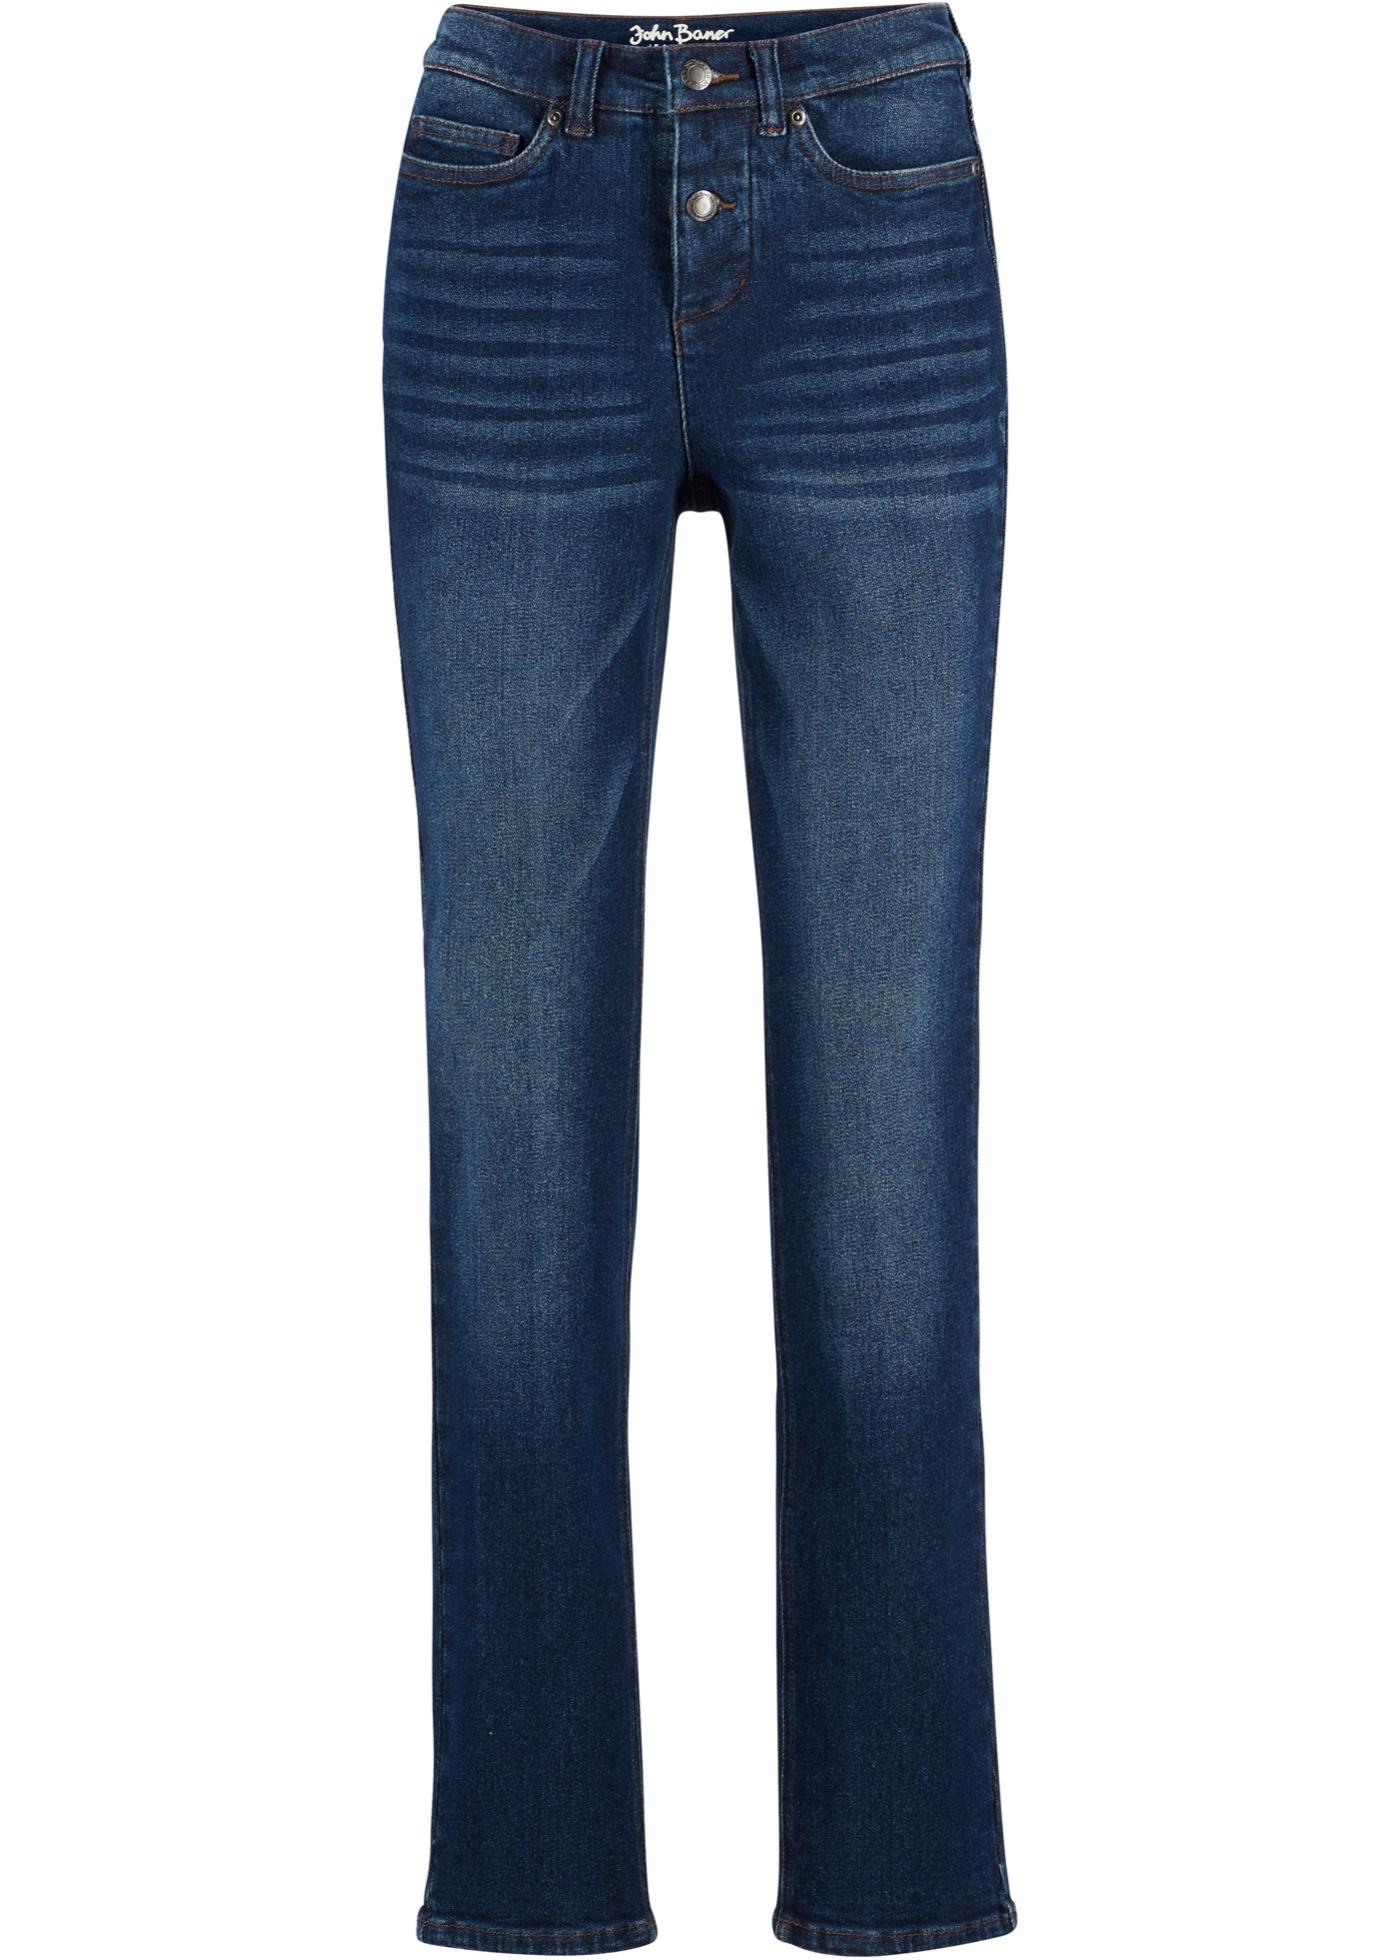 Stretch-Jeans in klassischem Denim, STRAIGHT in blau für Damen von bonprix